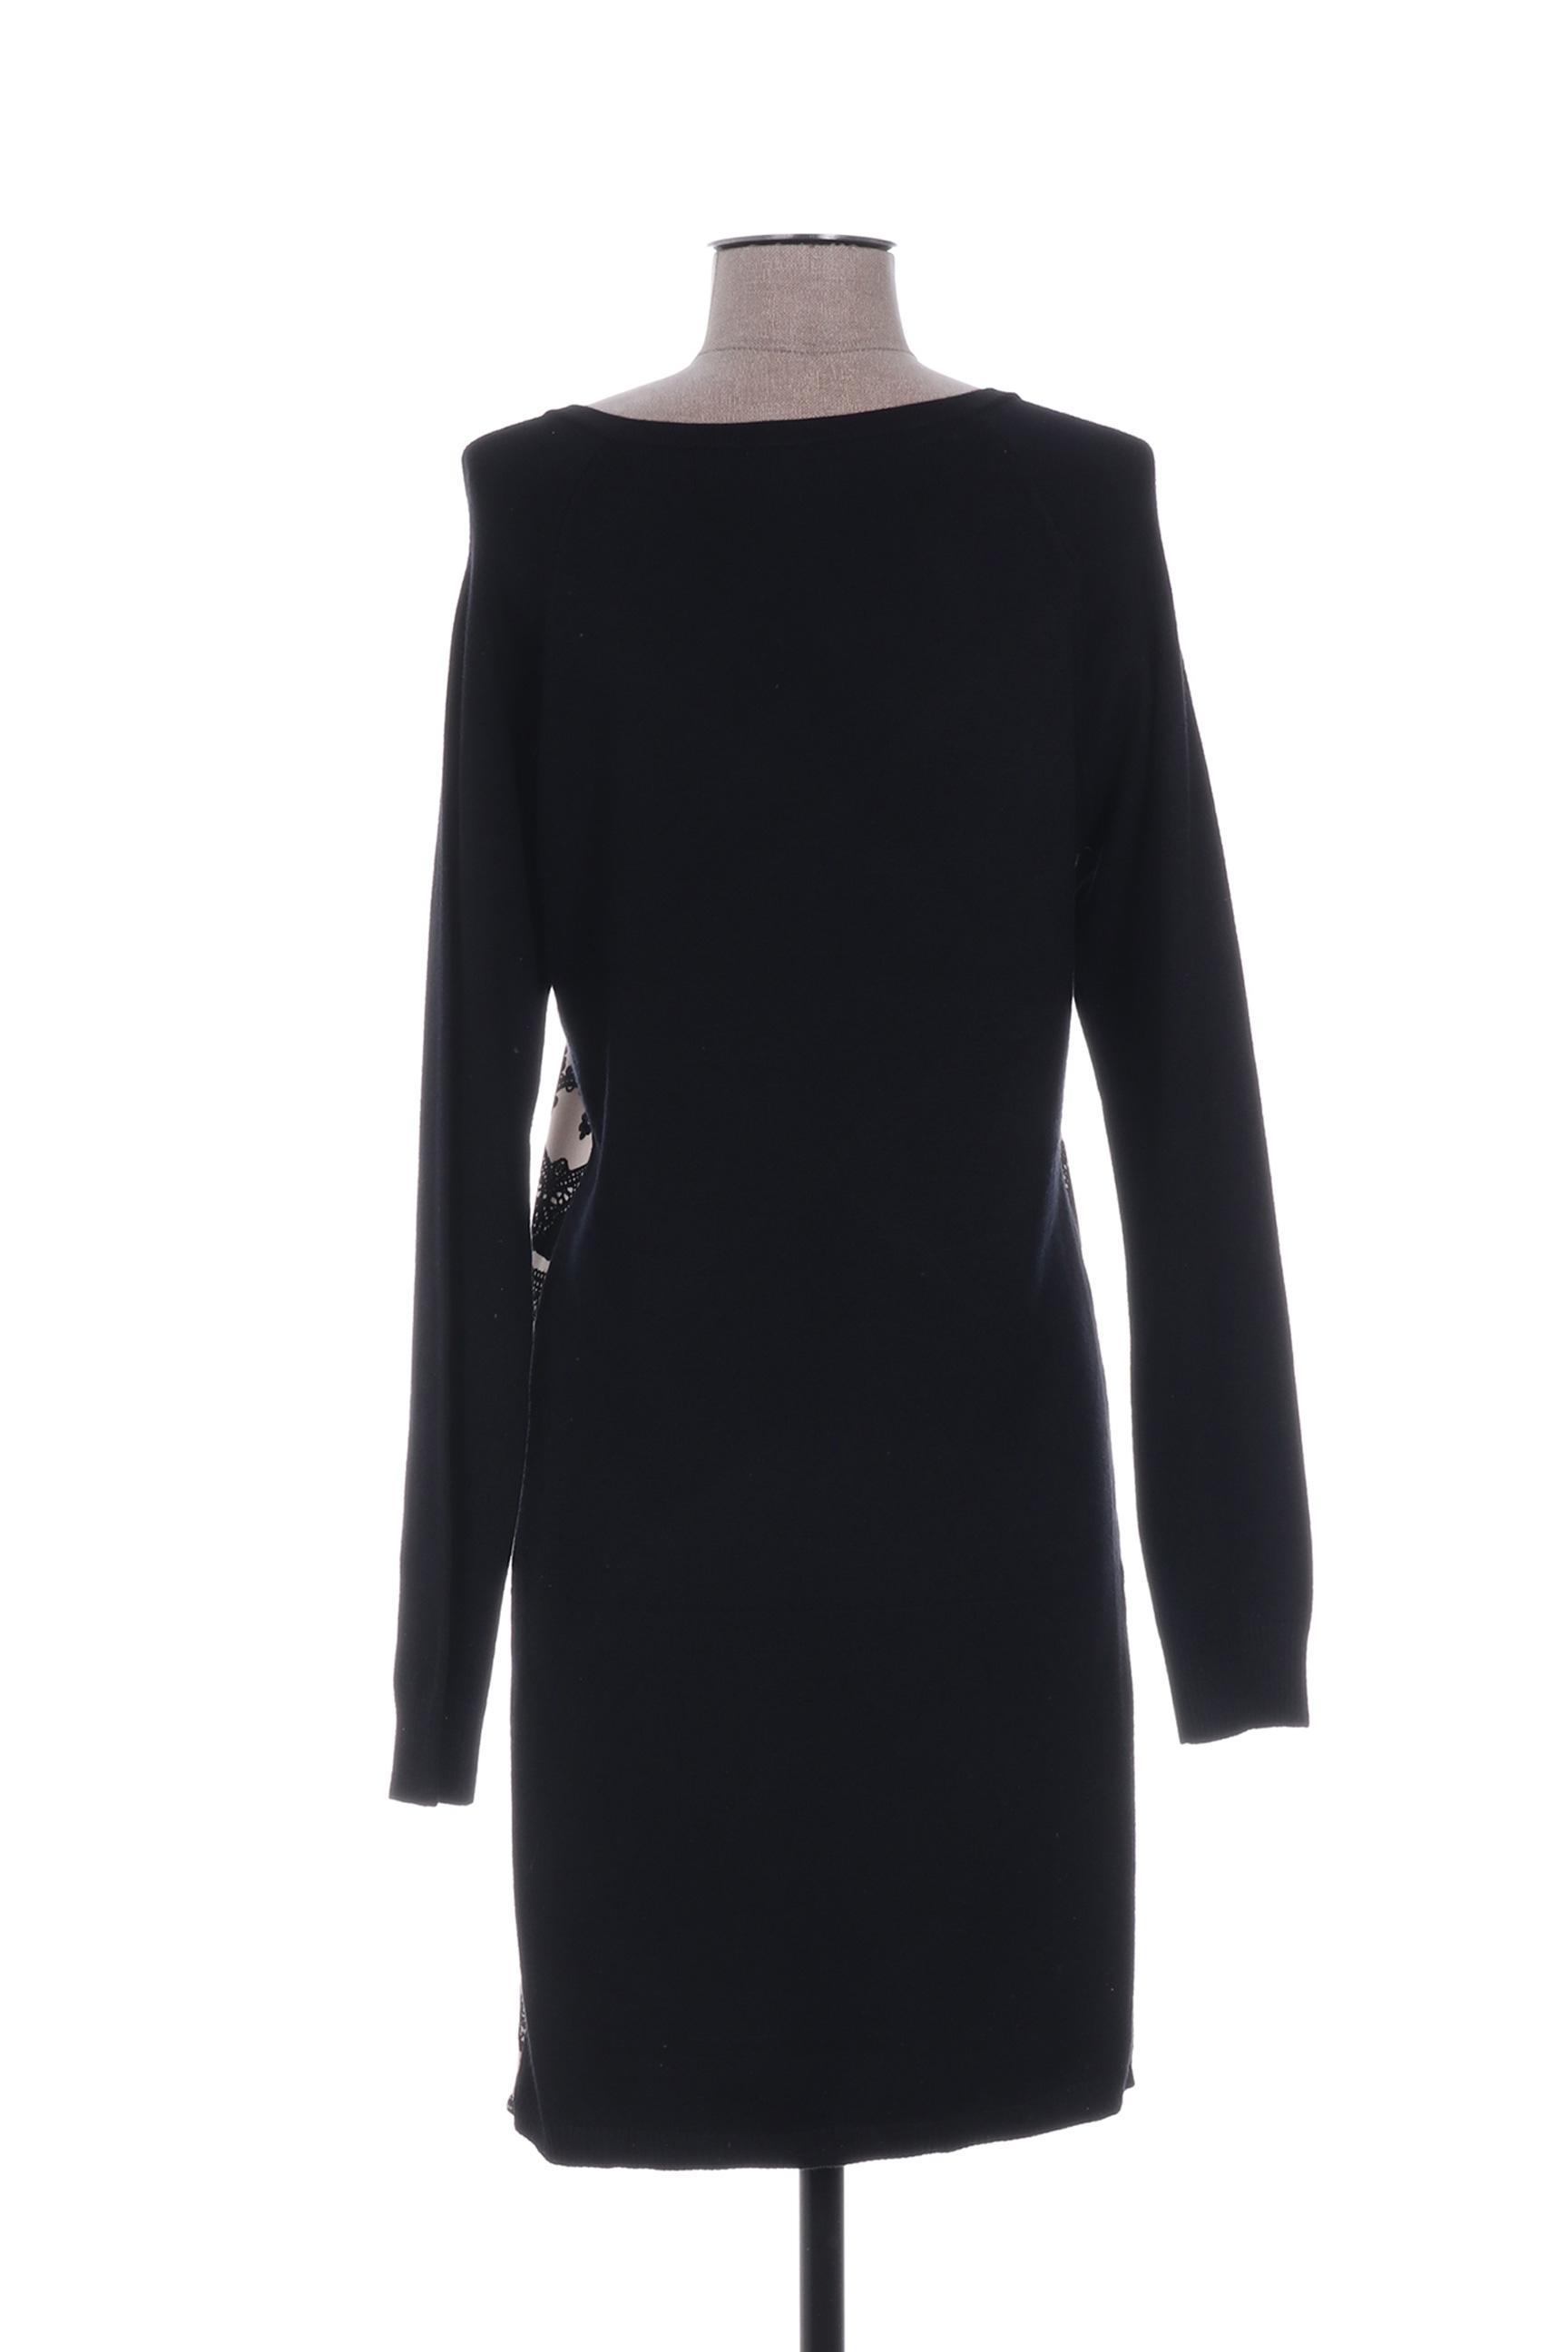 Yuka Robes Pulls Femme De Couleur Noir En Soldes Pas Cher 1233230-noir00